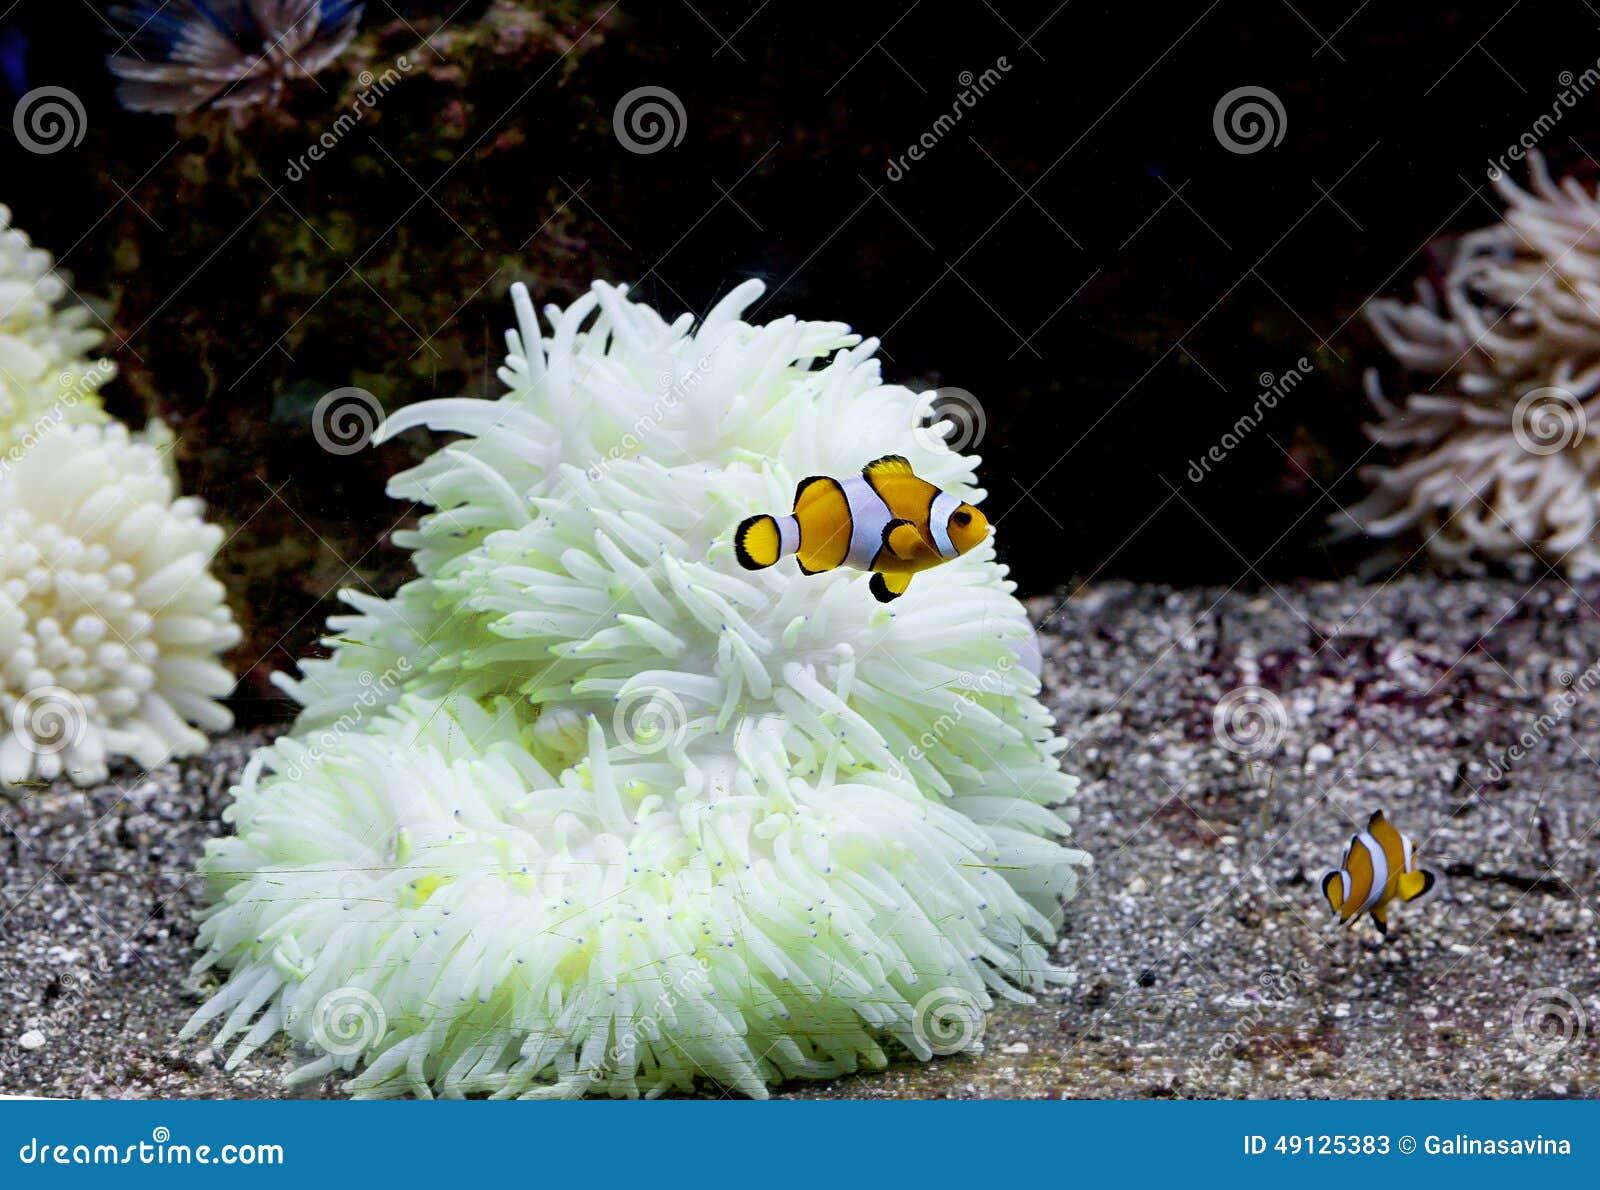 Aquarium Fish Clown Stock Image Image Of Scales Fins 49125383